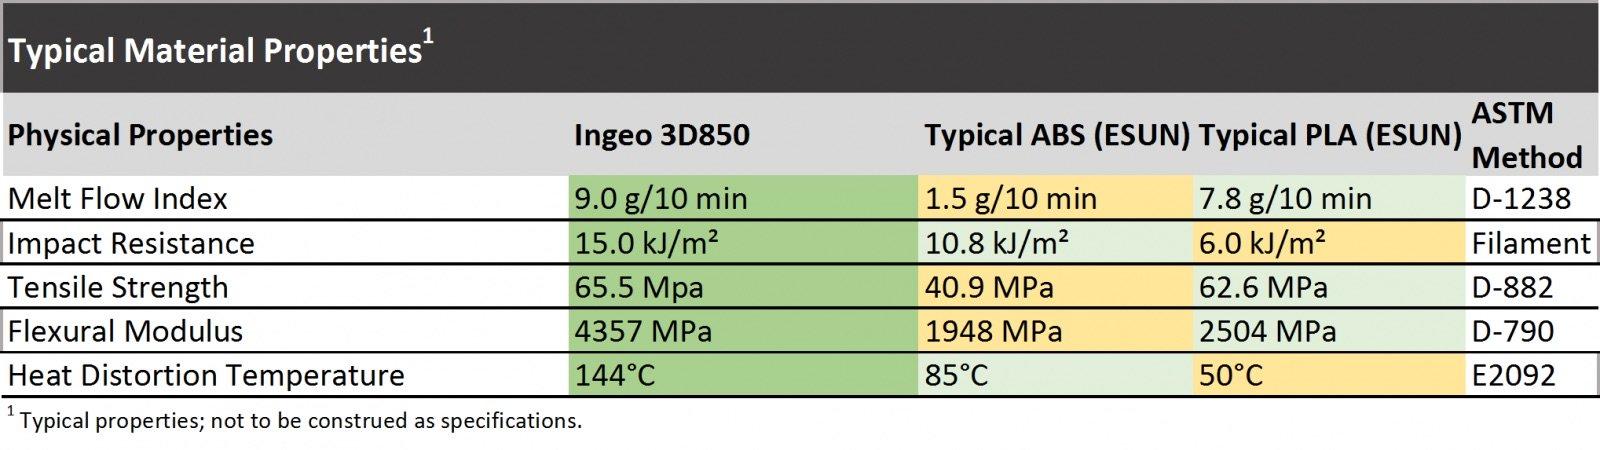 PLA 3D850 gris argent 3dink filaments comparaison